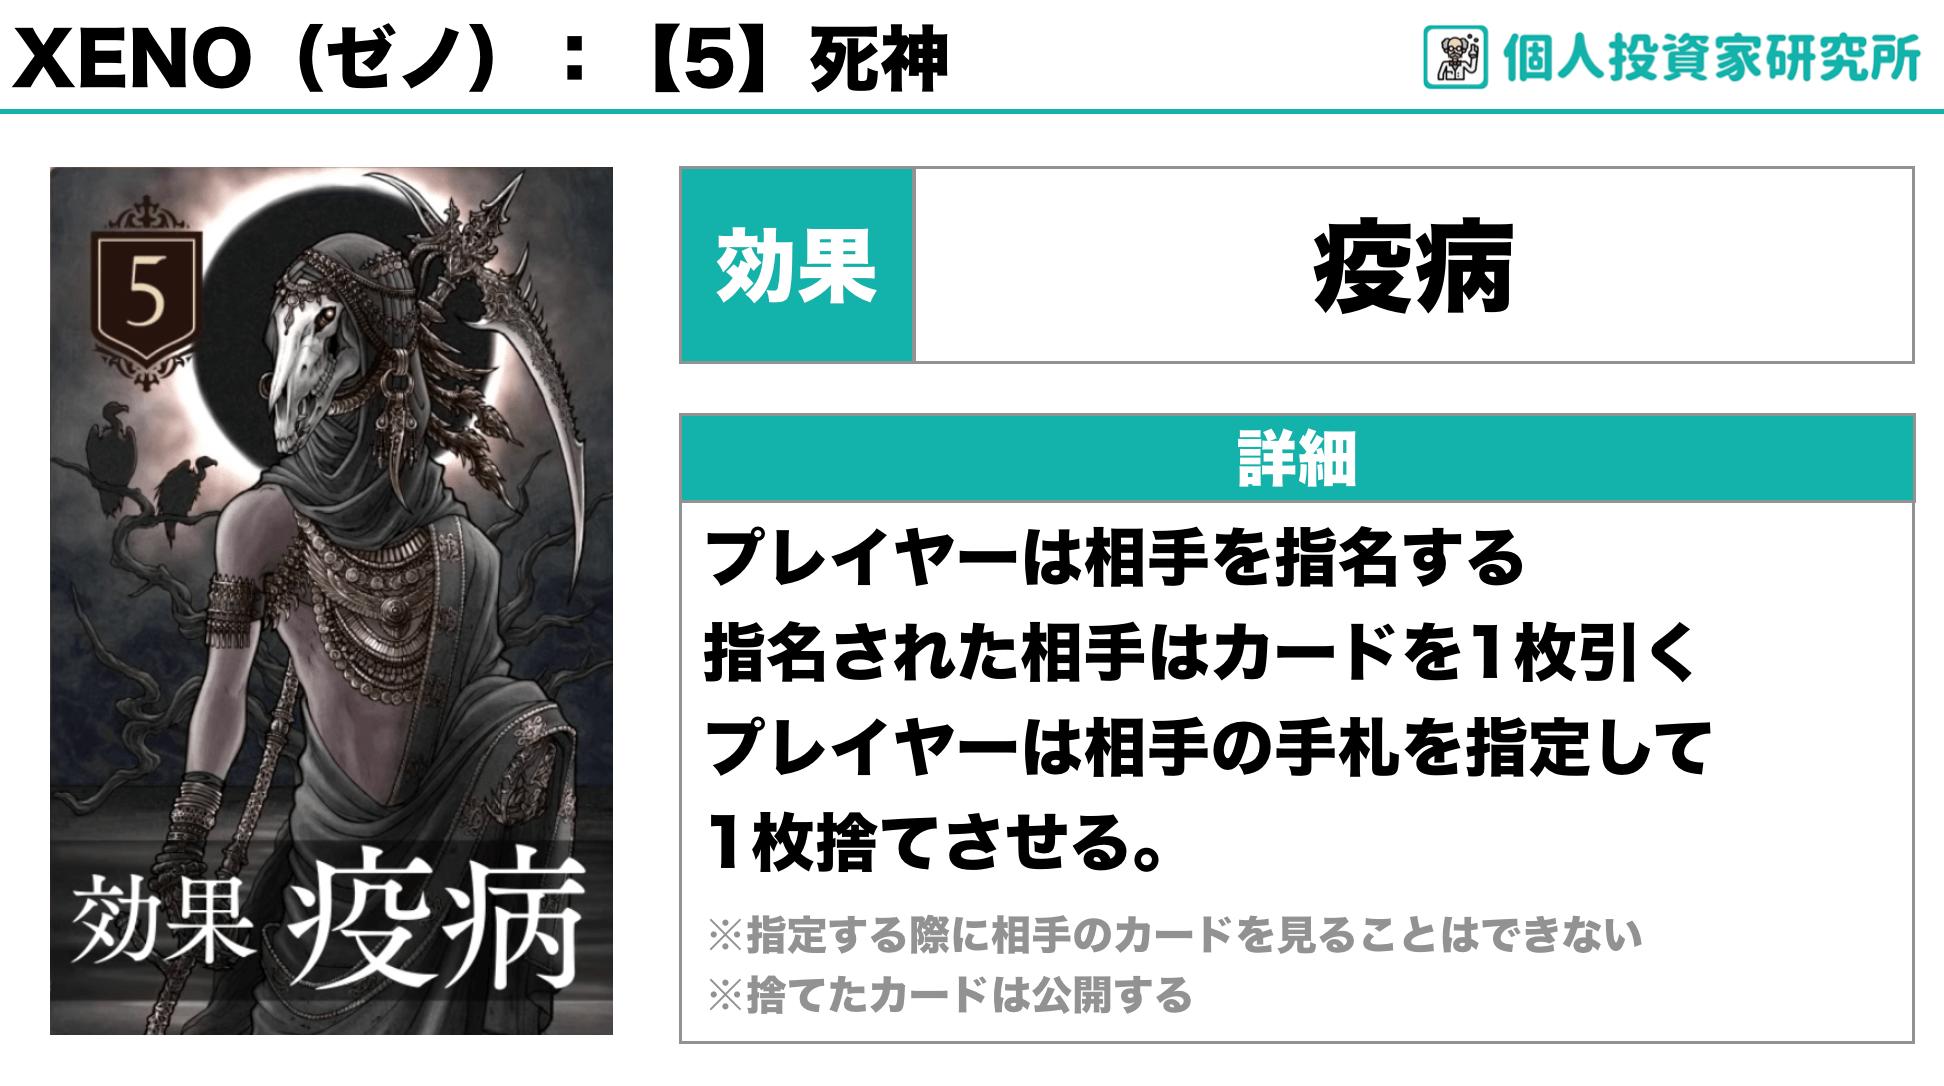 【ルール_カードの効果】中田敦彦さん考案のカードゲーム・XENO(ゼノ)5